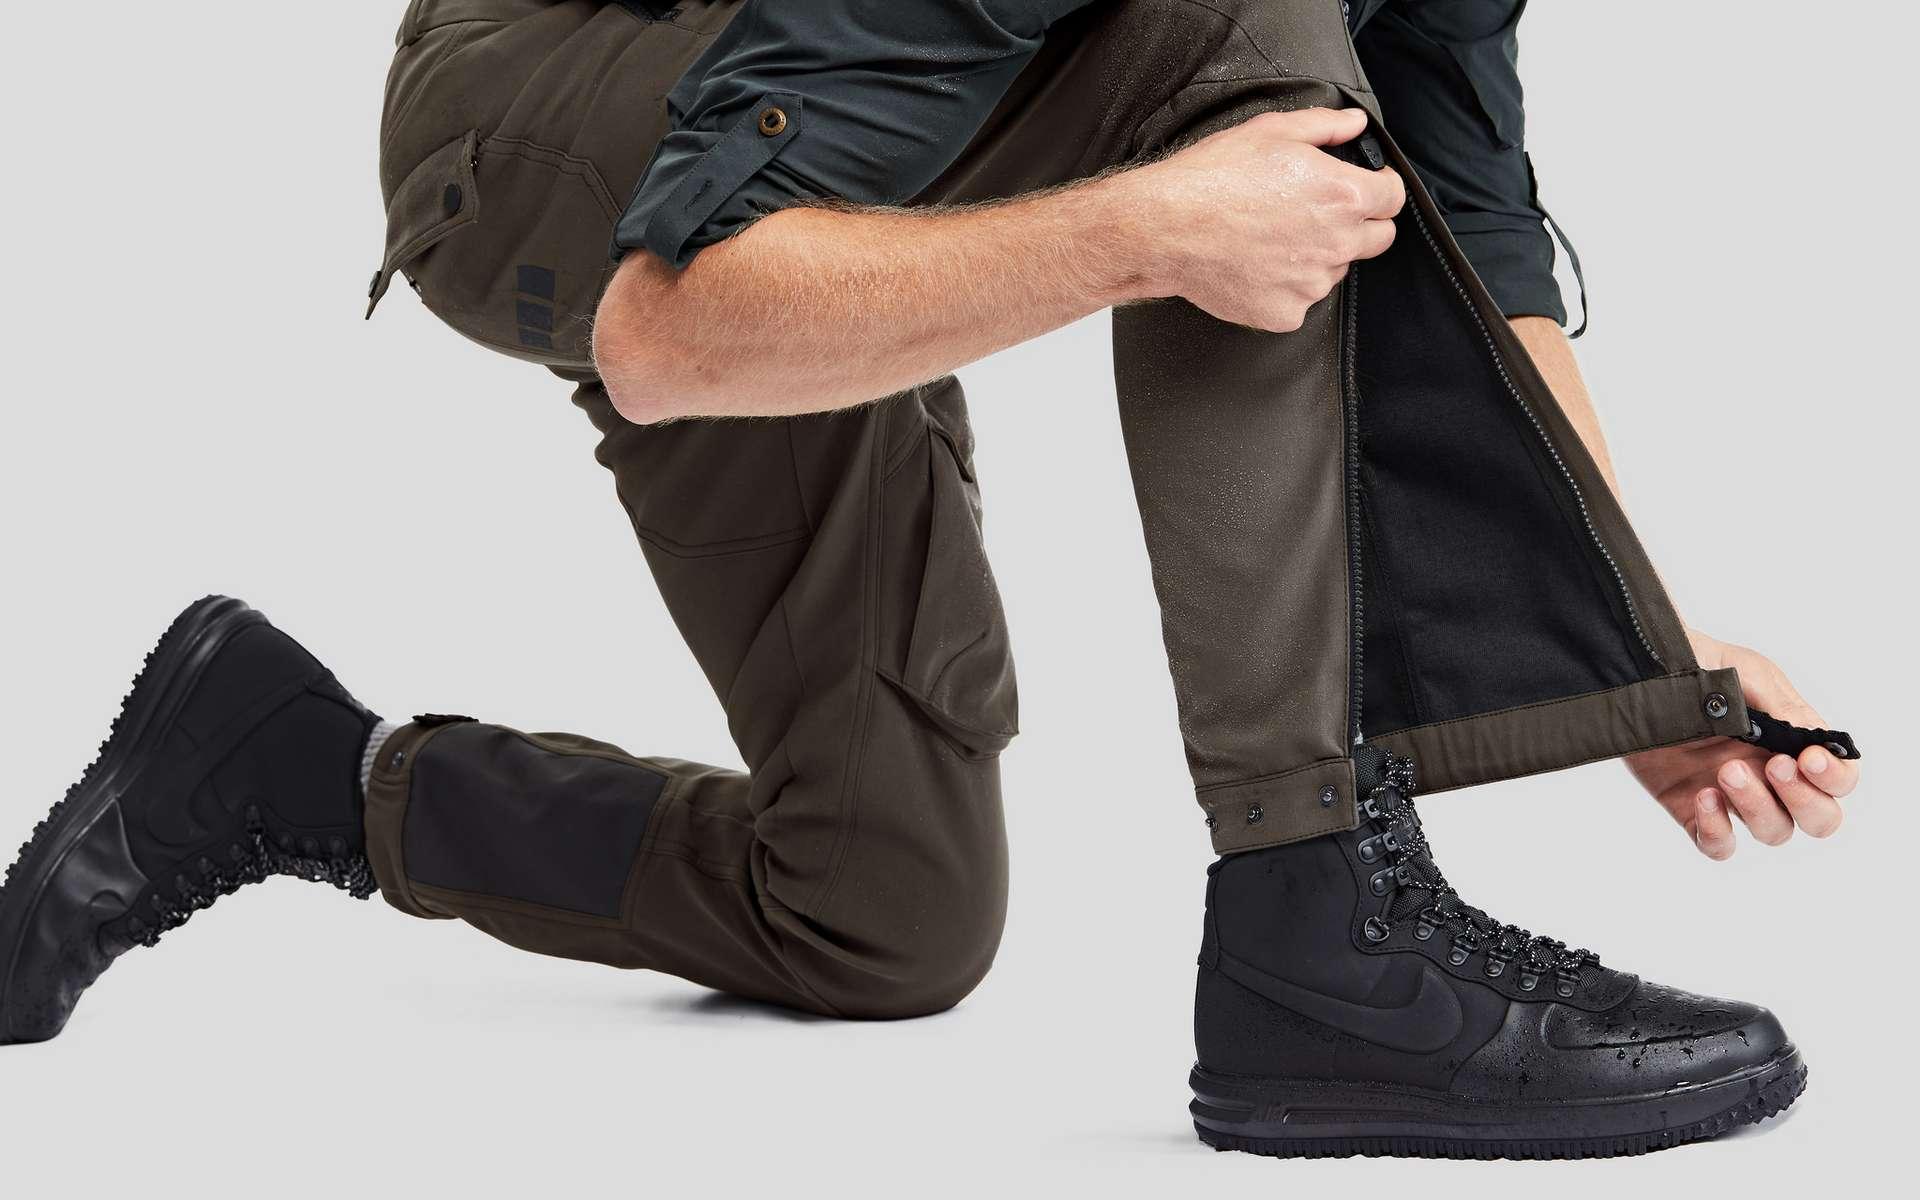 Pour son pantalon indestructible, la startup Vollebak s'est alliée avec la marque suisse Schoeller, spécialiste des tissus militaires. © Vollebak, Sun Lee